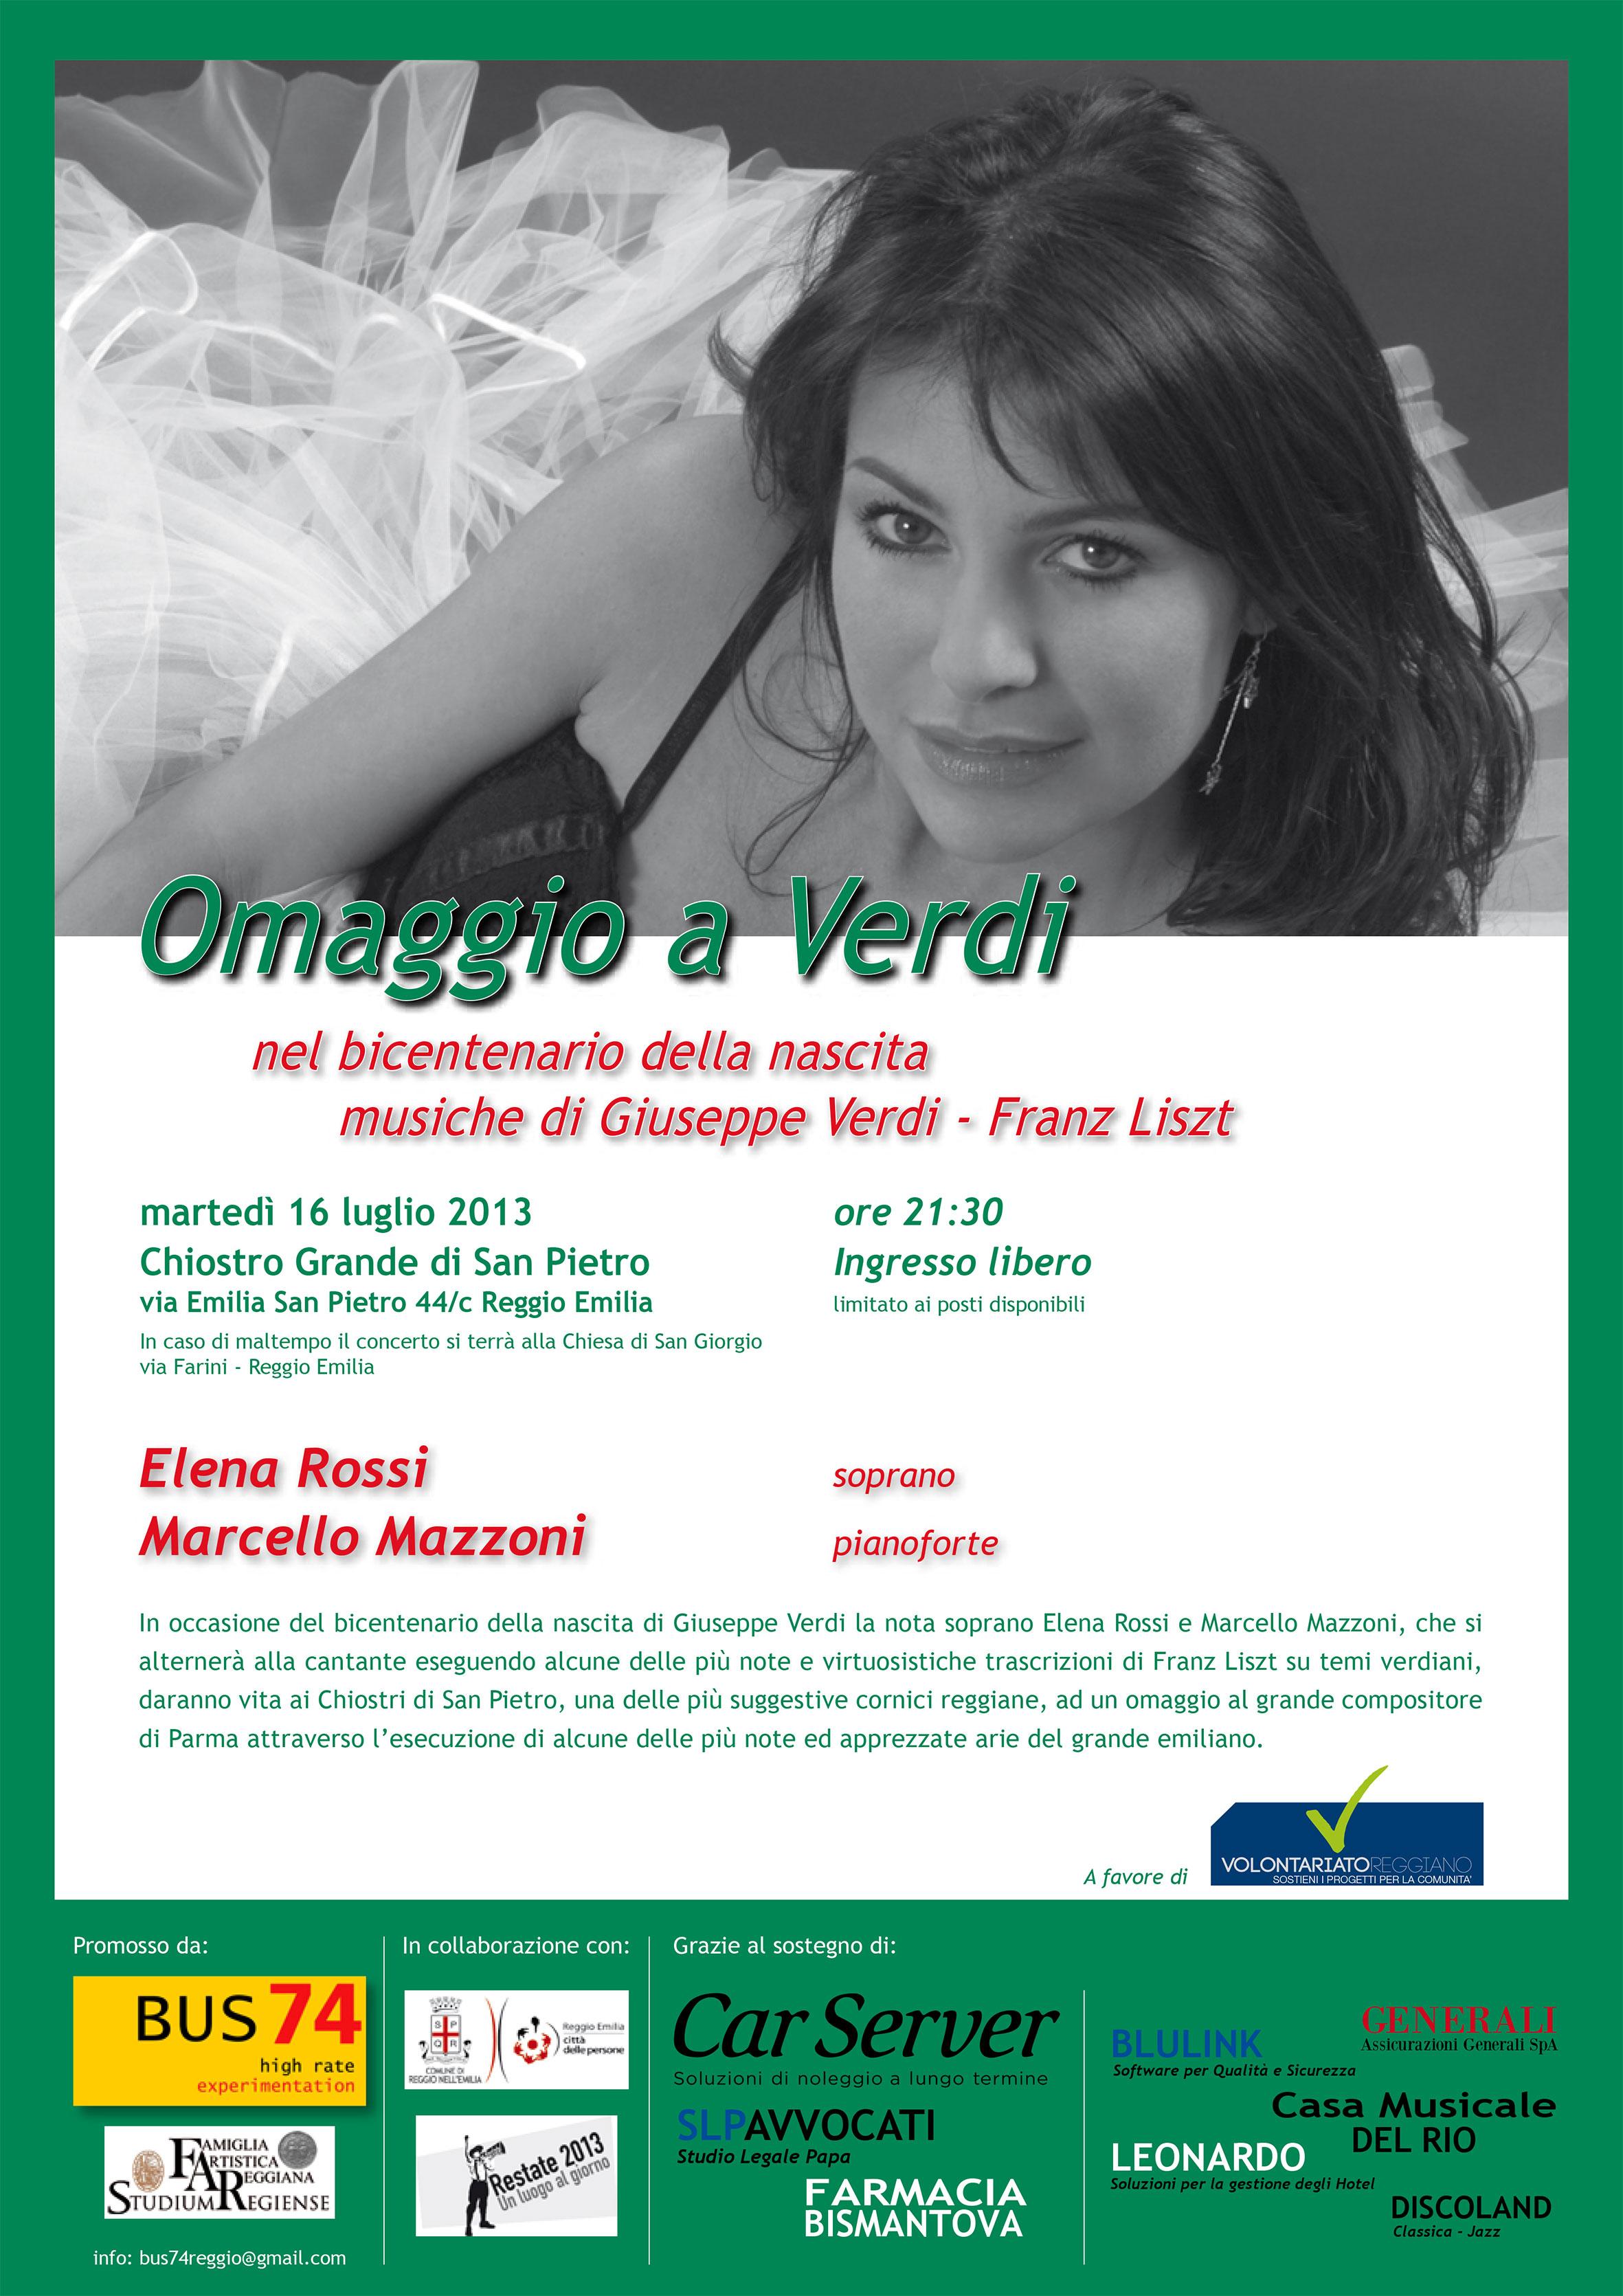 Elena Rossi - Marcello Mazzoni